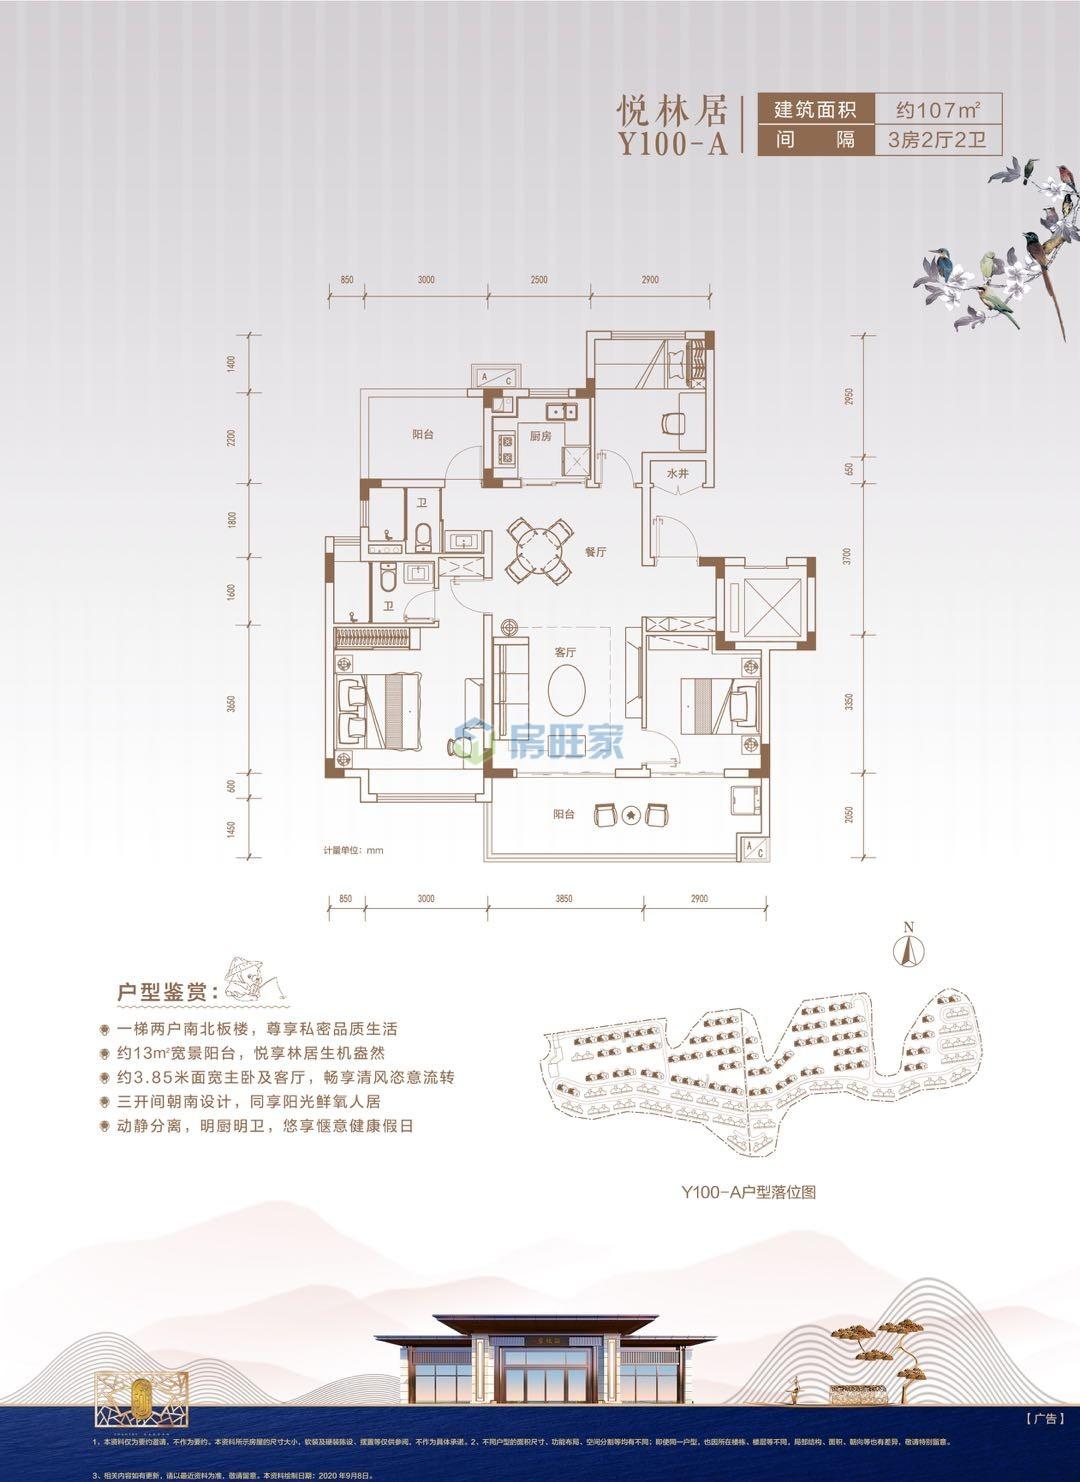 碧桂园兴隆湖畔悦林居户型图